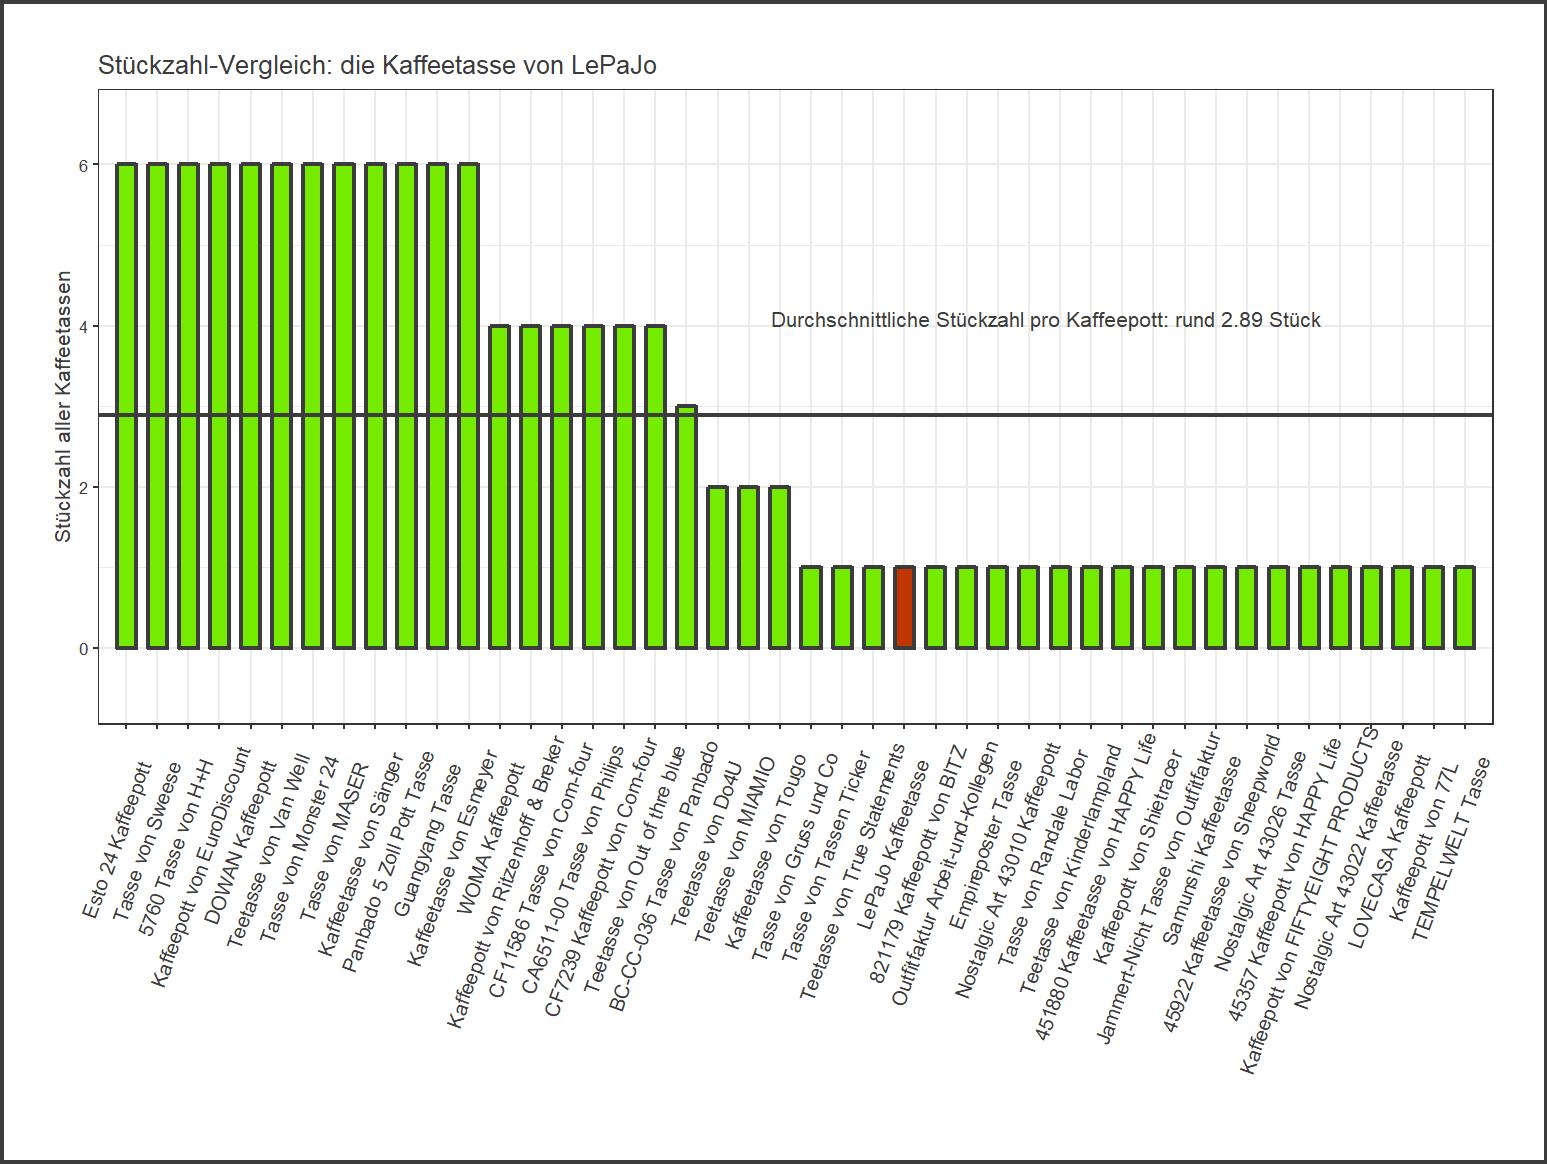 Stückzahl-Vergleich von der LePaJo Teetasse